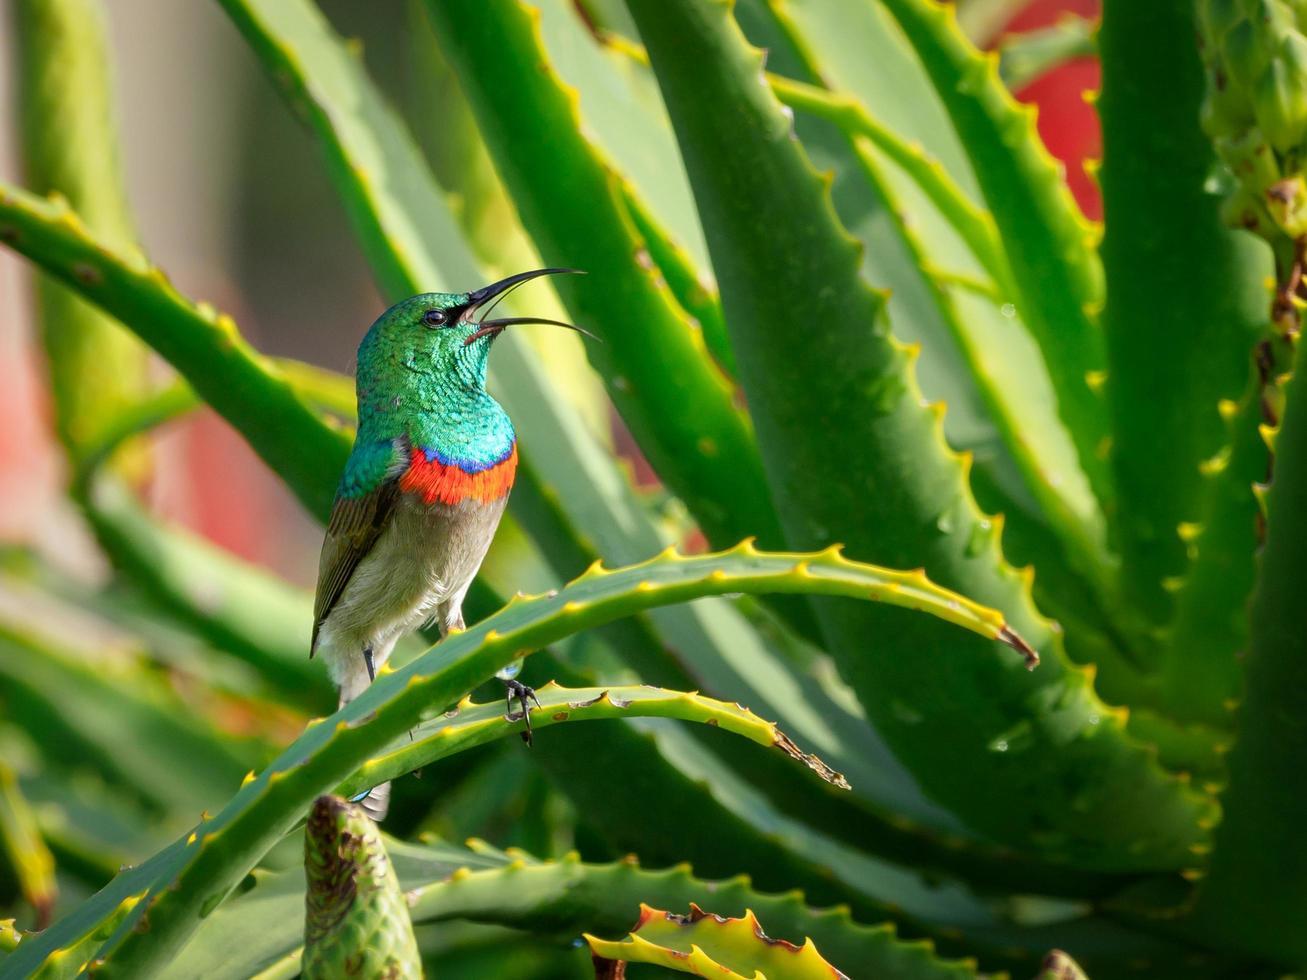 Sunbird meridionale a doppio colletto su pianta di aloe vera foto